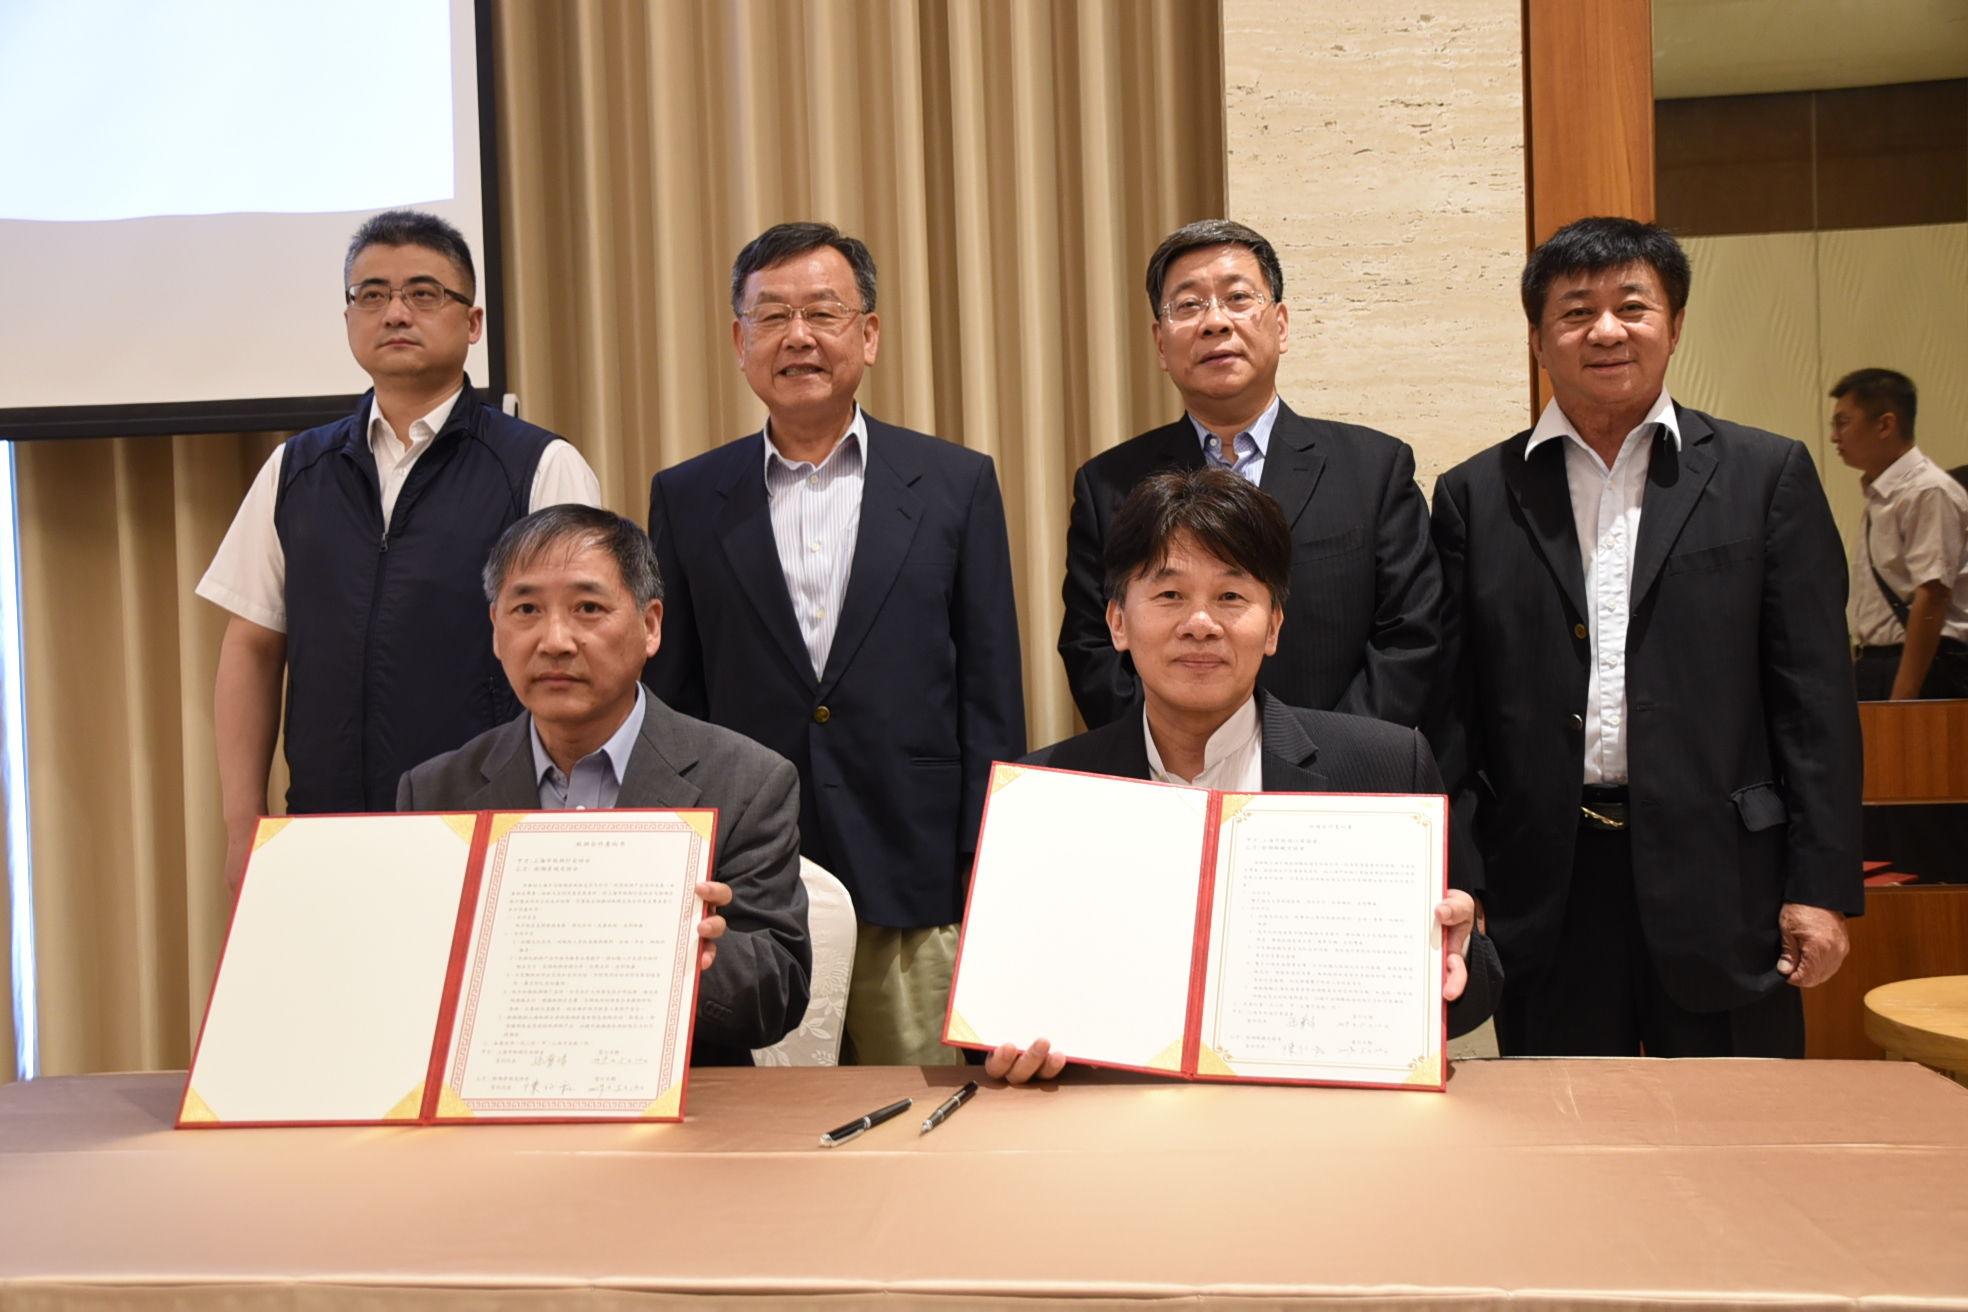 澎湖縣觀光協會理事長陳仁和與上海旅遊航業協會副秘書長孫華偉簽署合作意向書